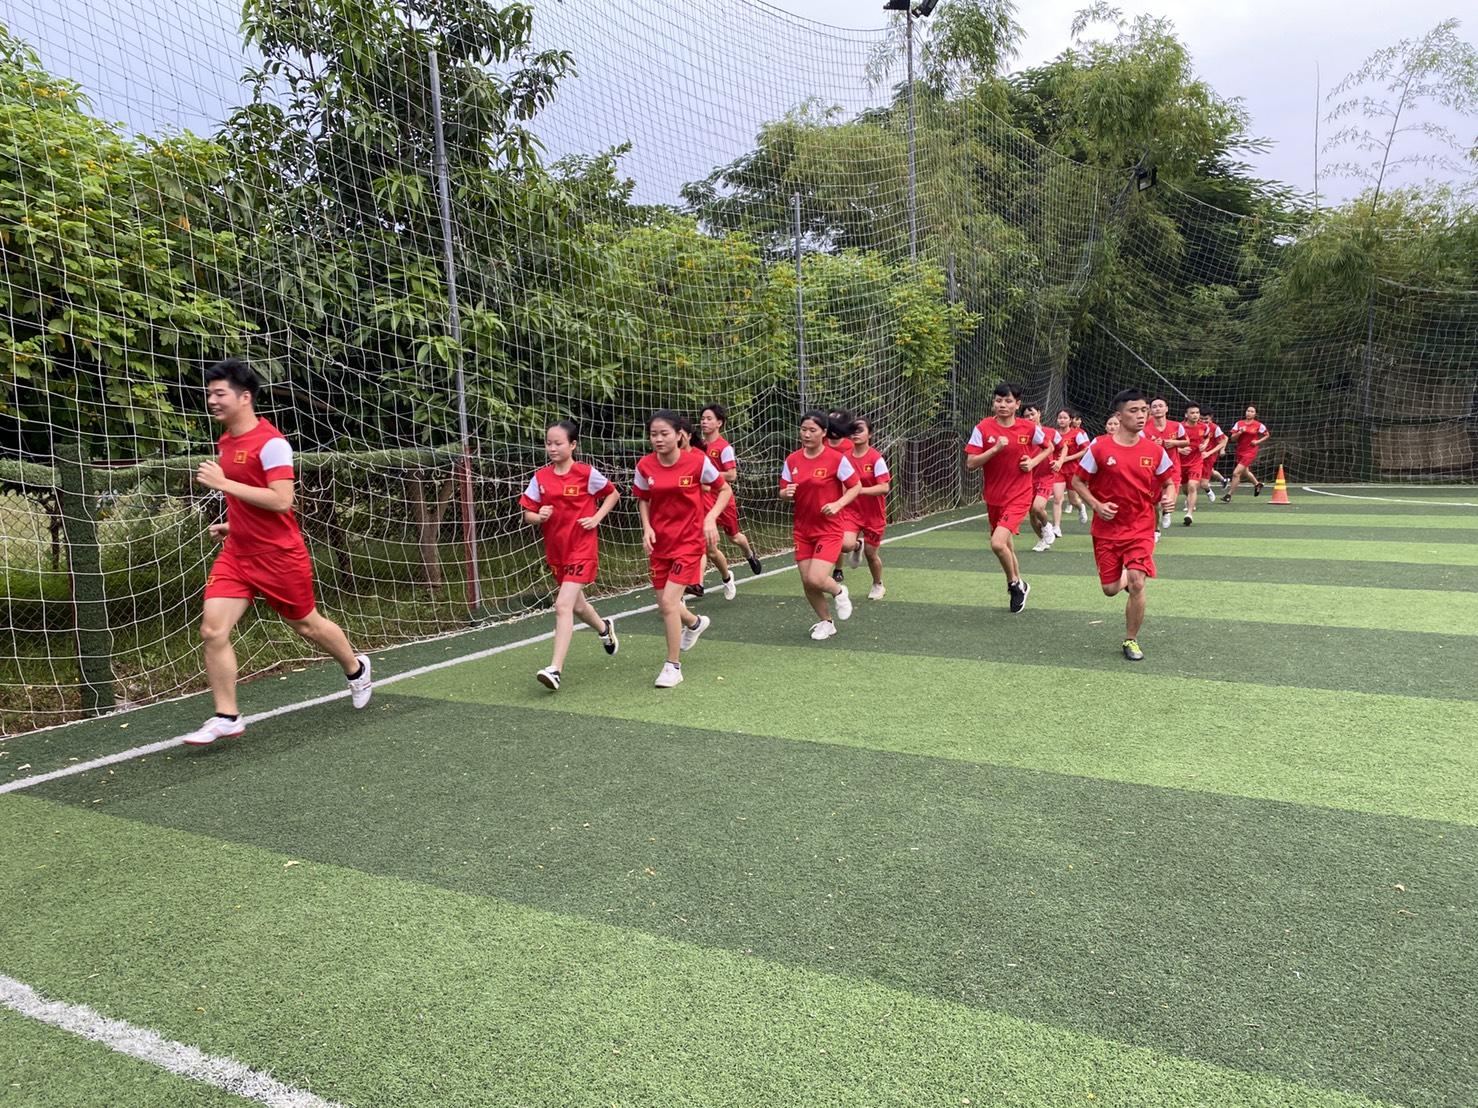 ベトナム人技能実習生の認定送出機関 | ミナノタメ日本語教育センター